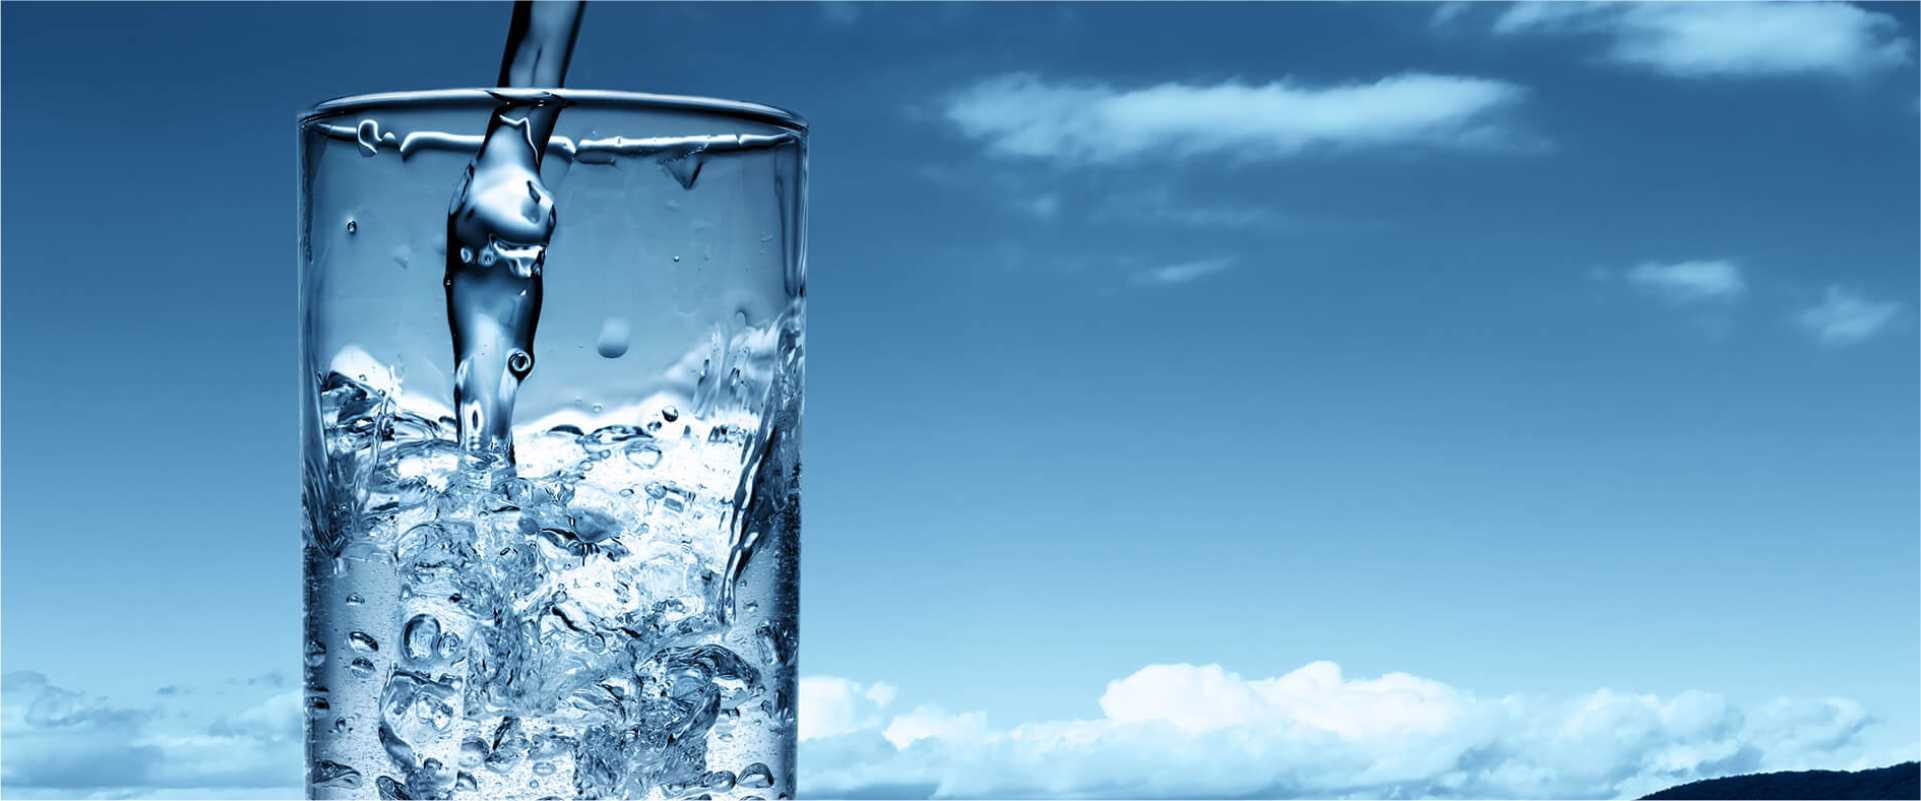 Minőségi ivópalackok sportoláshoz és irodai használatra egyaránt